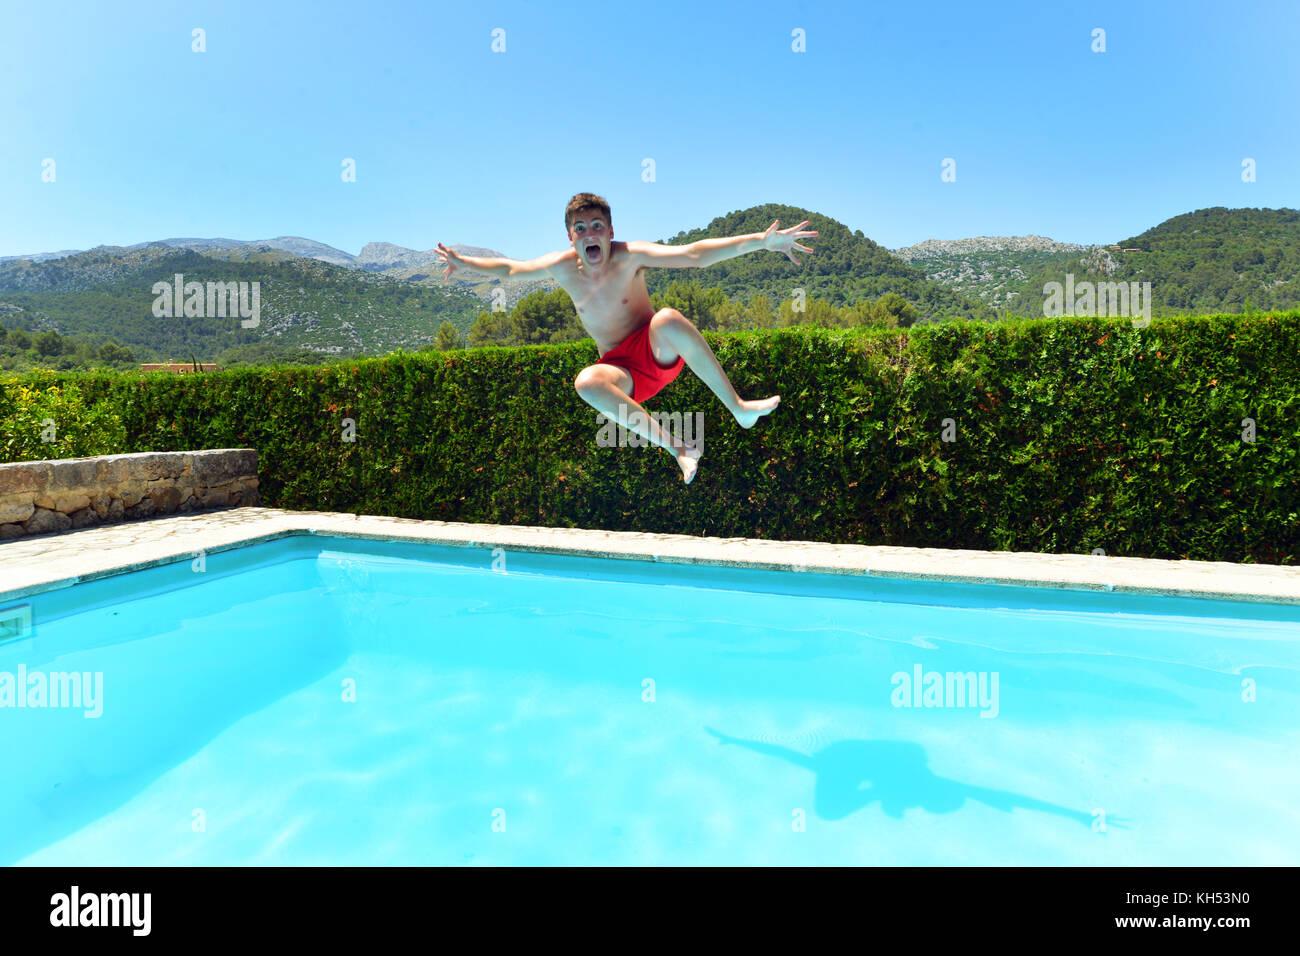 Ragazzo adolescente salto in una villa privata e piscina Immagini Stock